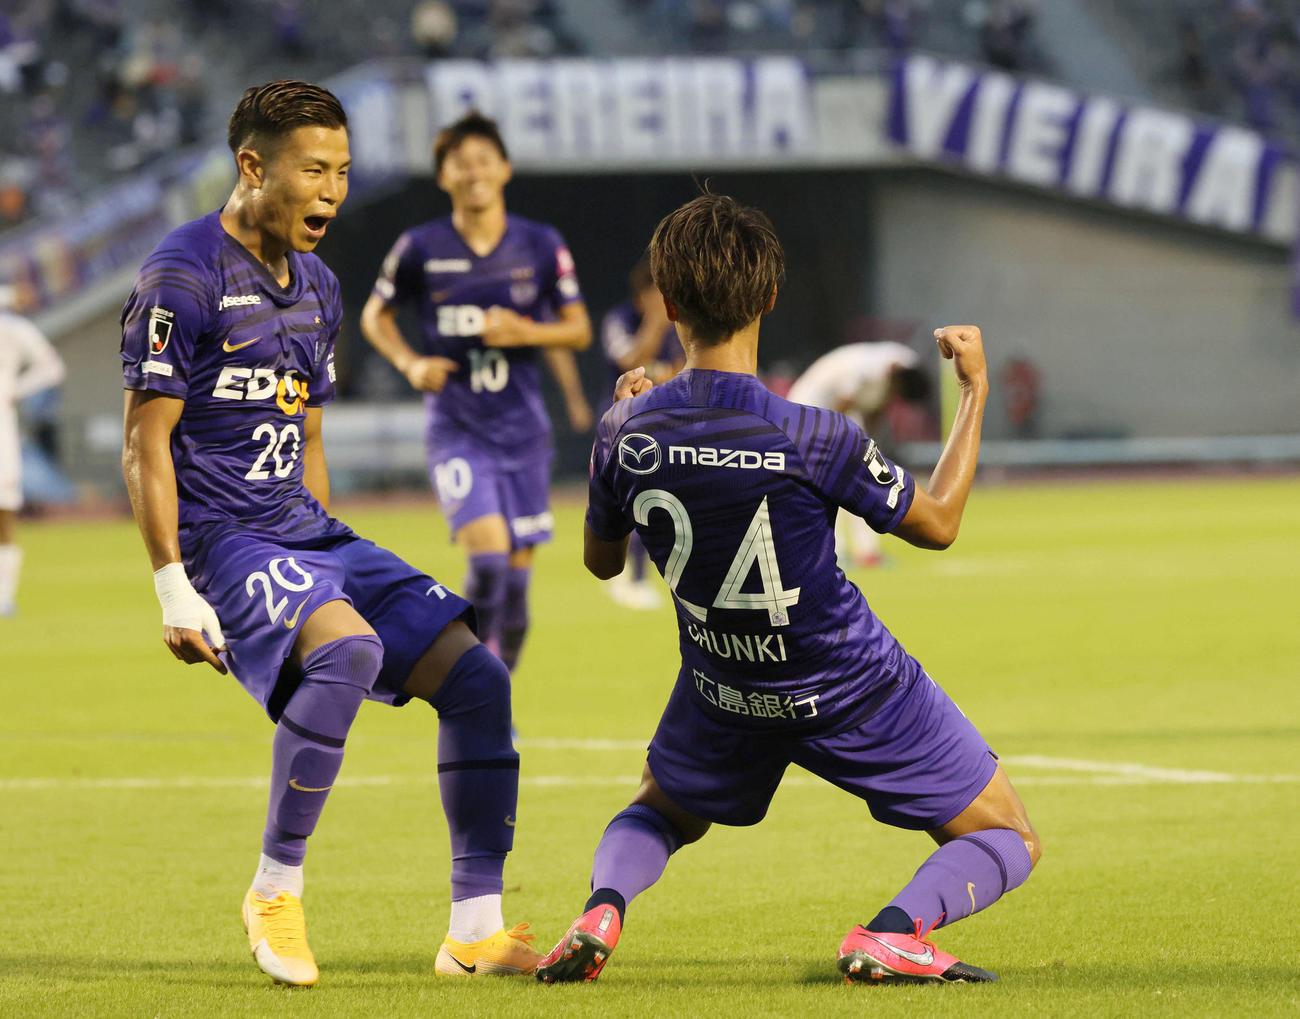 広島対鳥栖、前半、広島MF東俊希はゴールを決める。左は広島FW永井龍(撮影・加藤孝規)